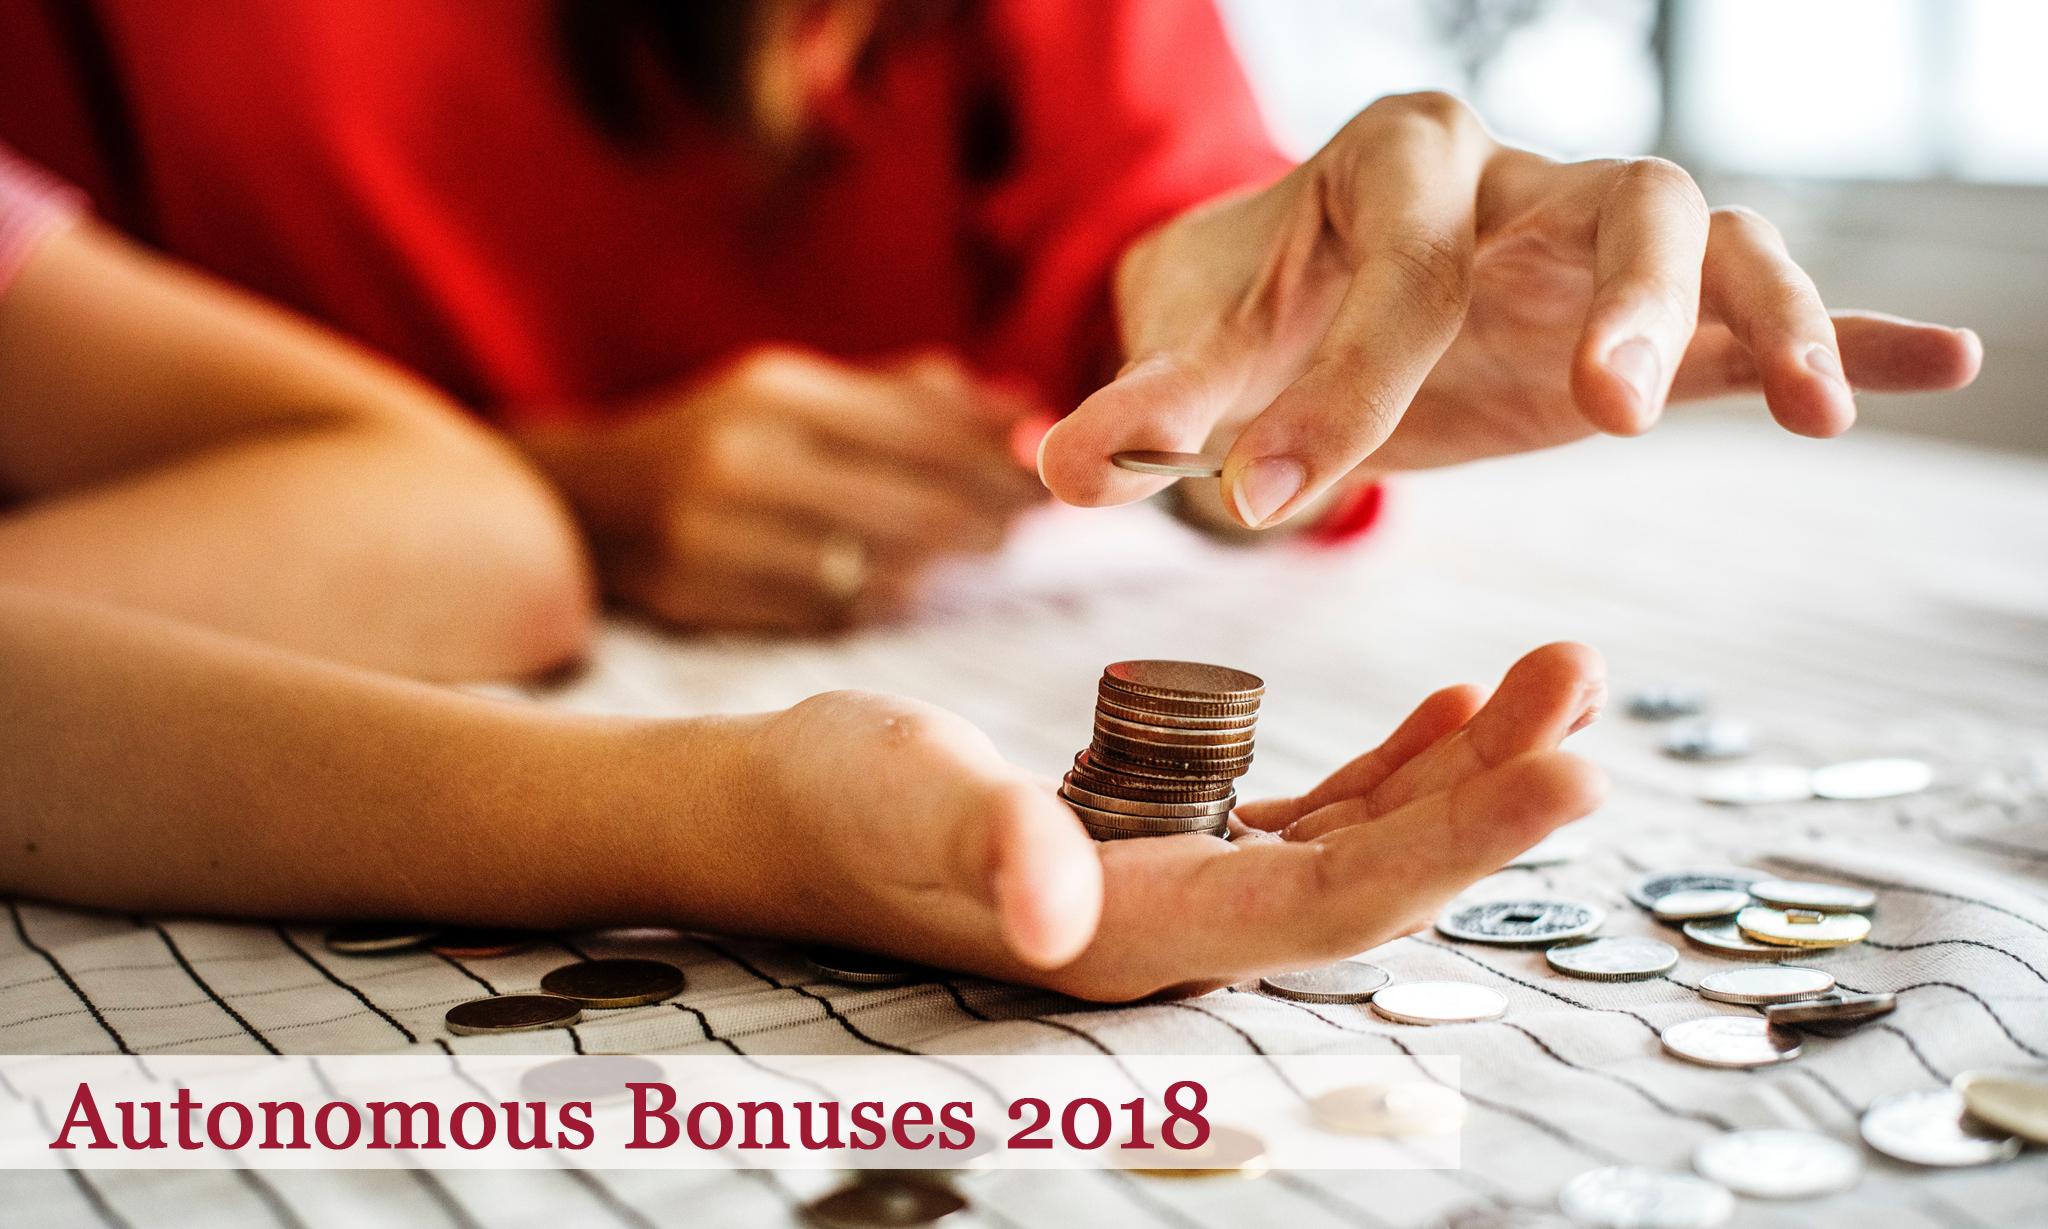 Autonomous Bonuses In 2018